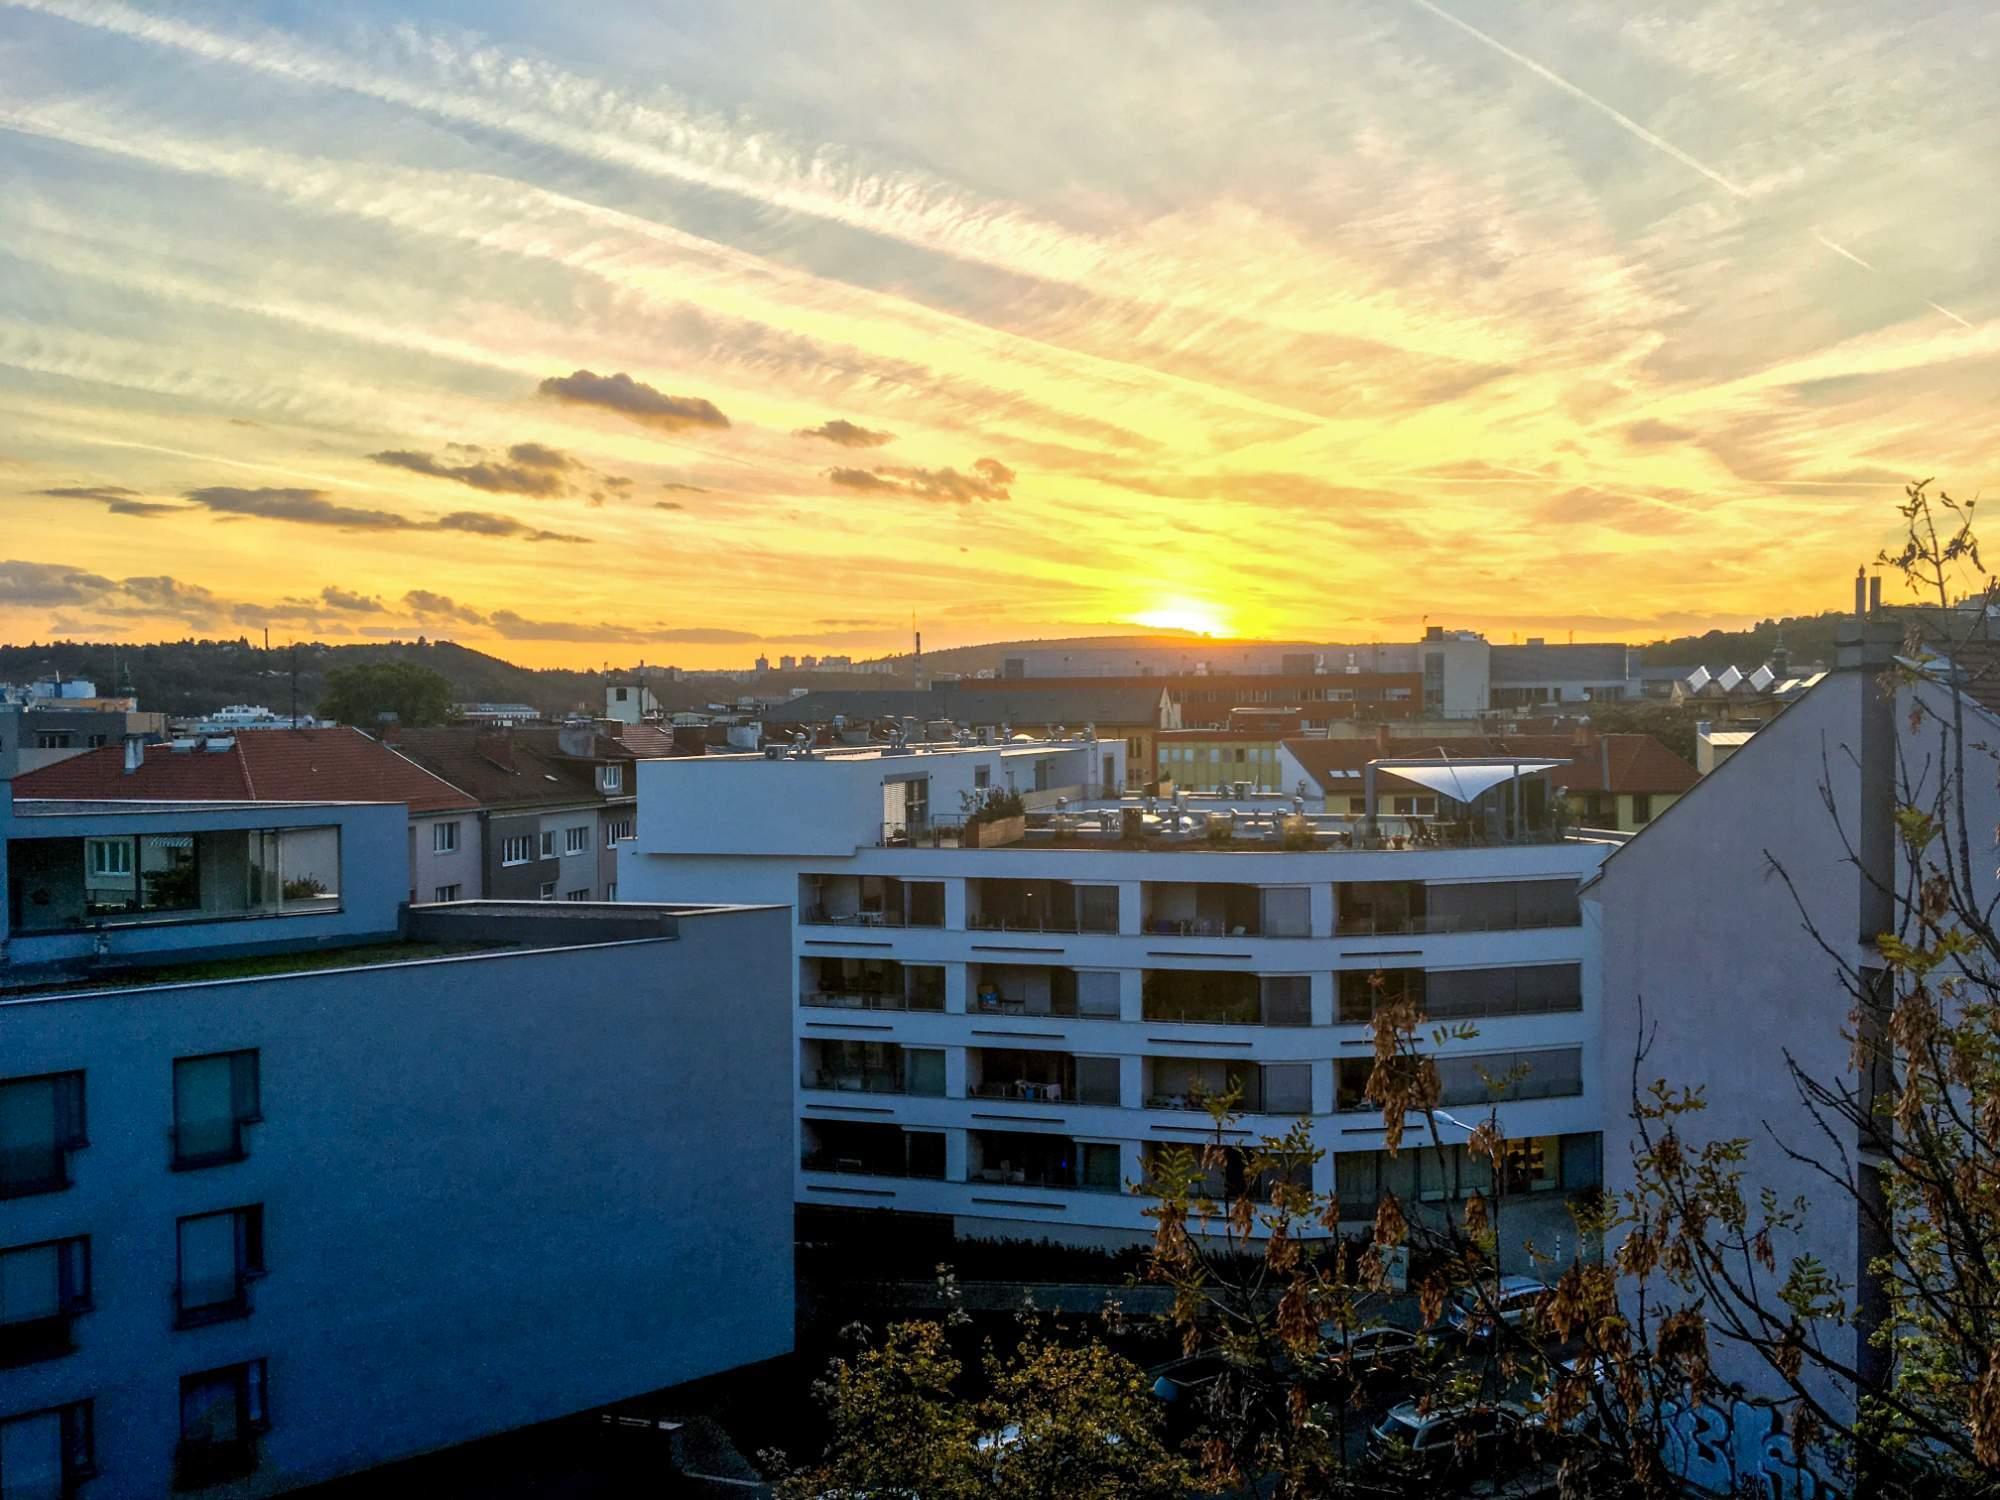 Nájmy bytů v Brně zdražují